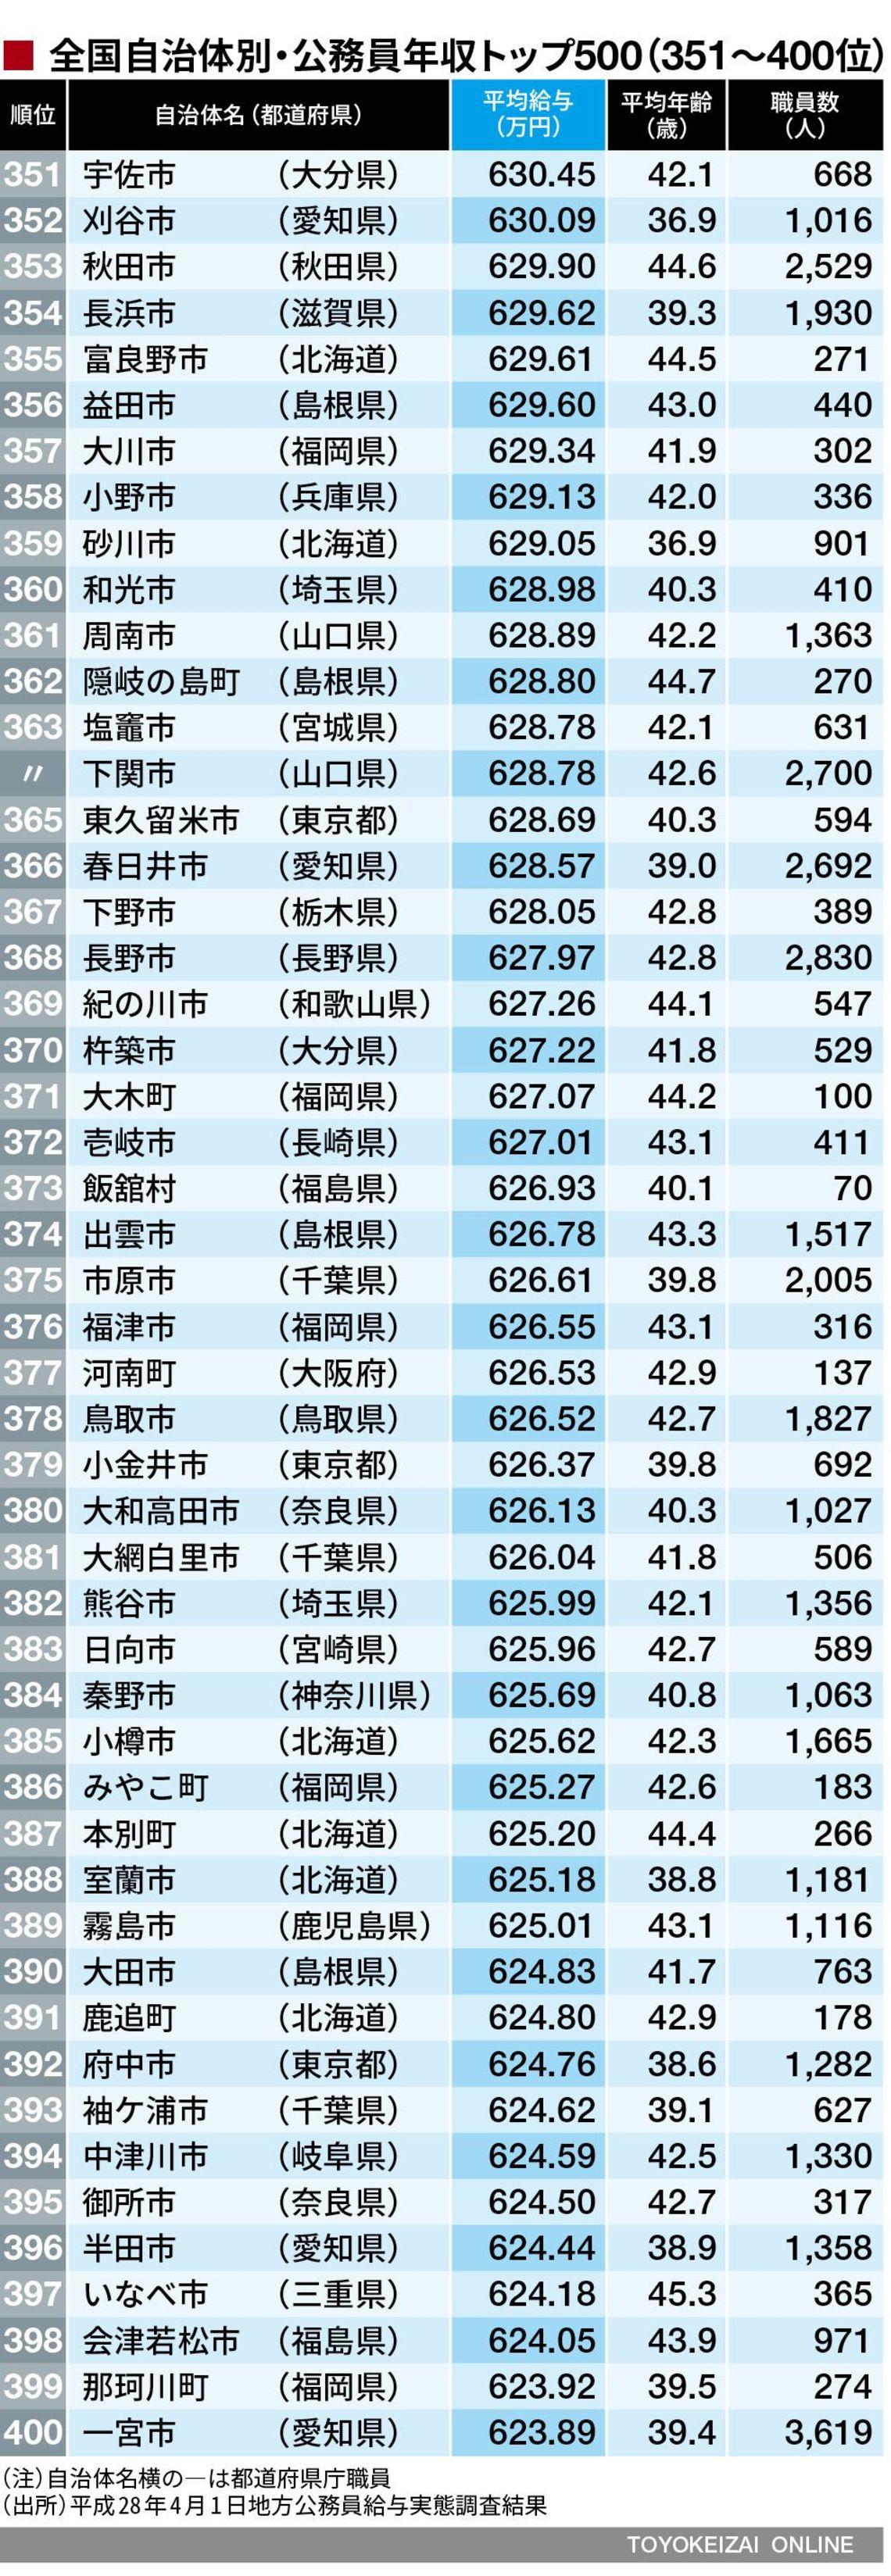 年収 公務員 公務員<20代後半>の年収まとめ (給料/平均年収/企業名などを集計)